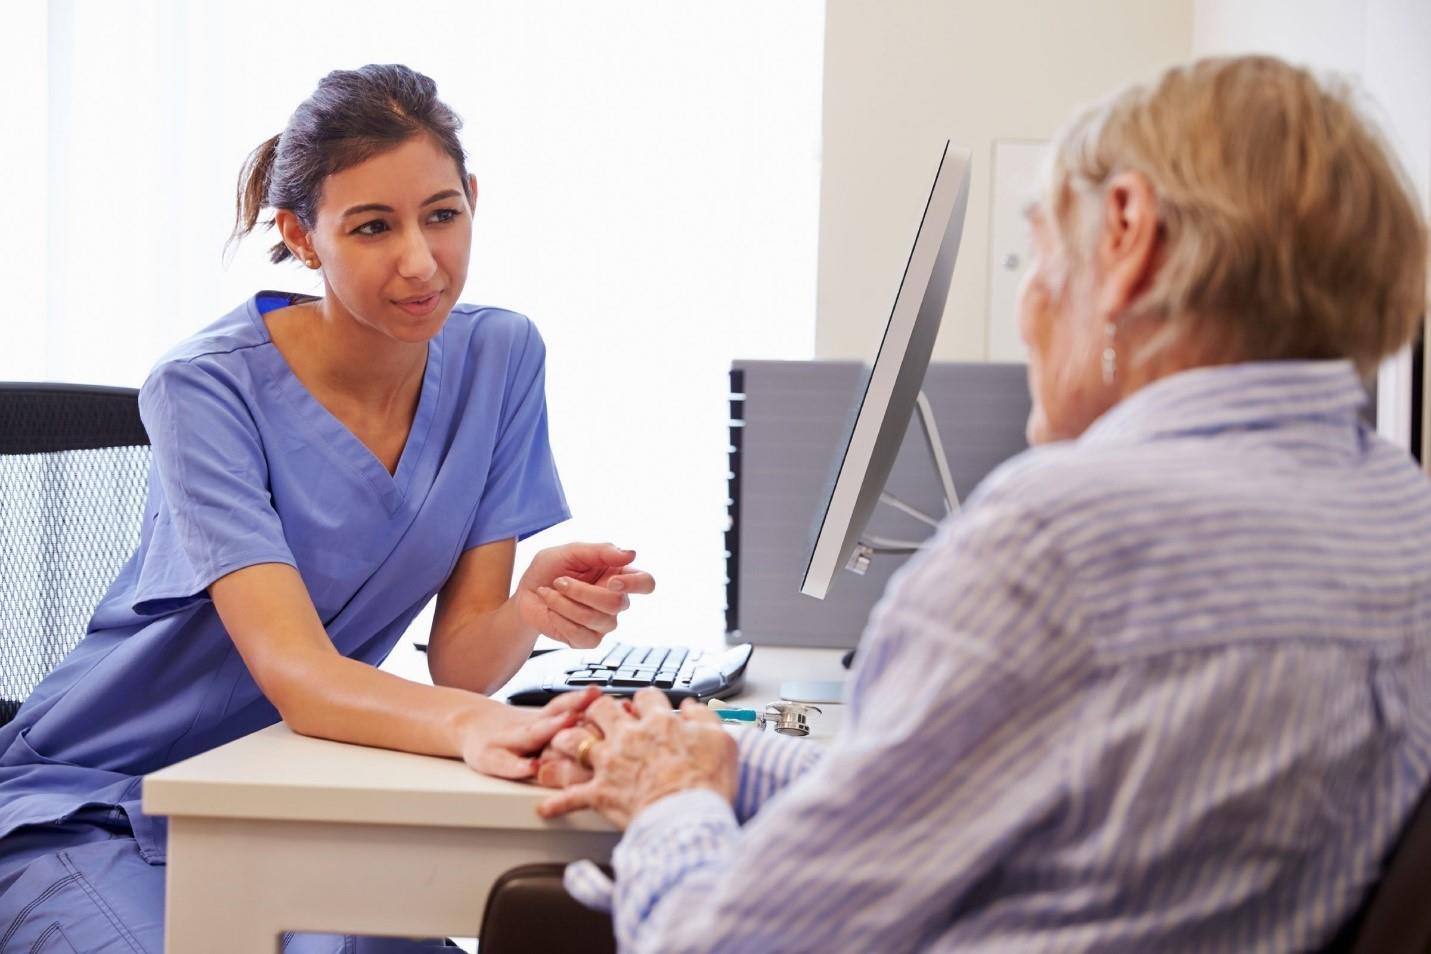 مزایای پزشک متخصص مغز و اعصاب در منزل چیست؟